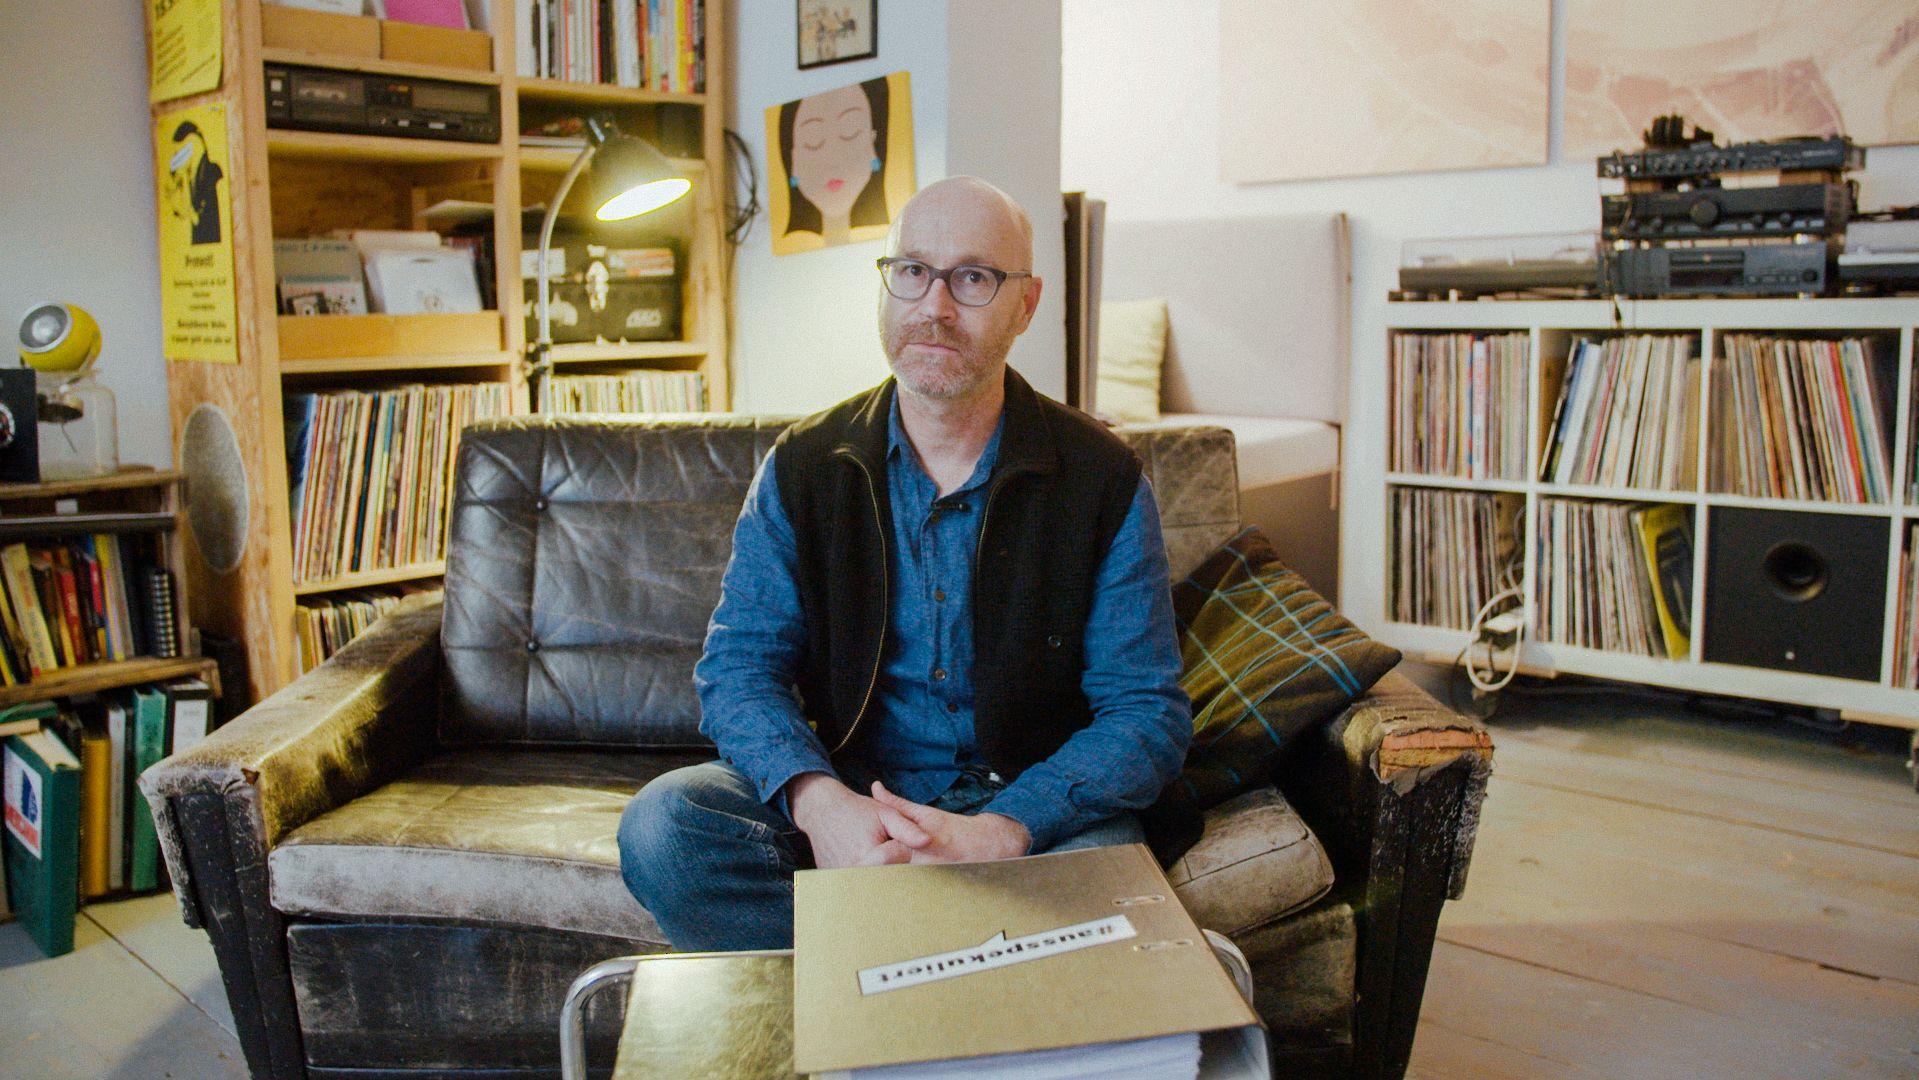 Ein Mieter sitzt in seiner Wohnung zwischen Schallplatten auf einem Sofa.